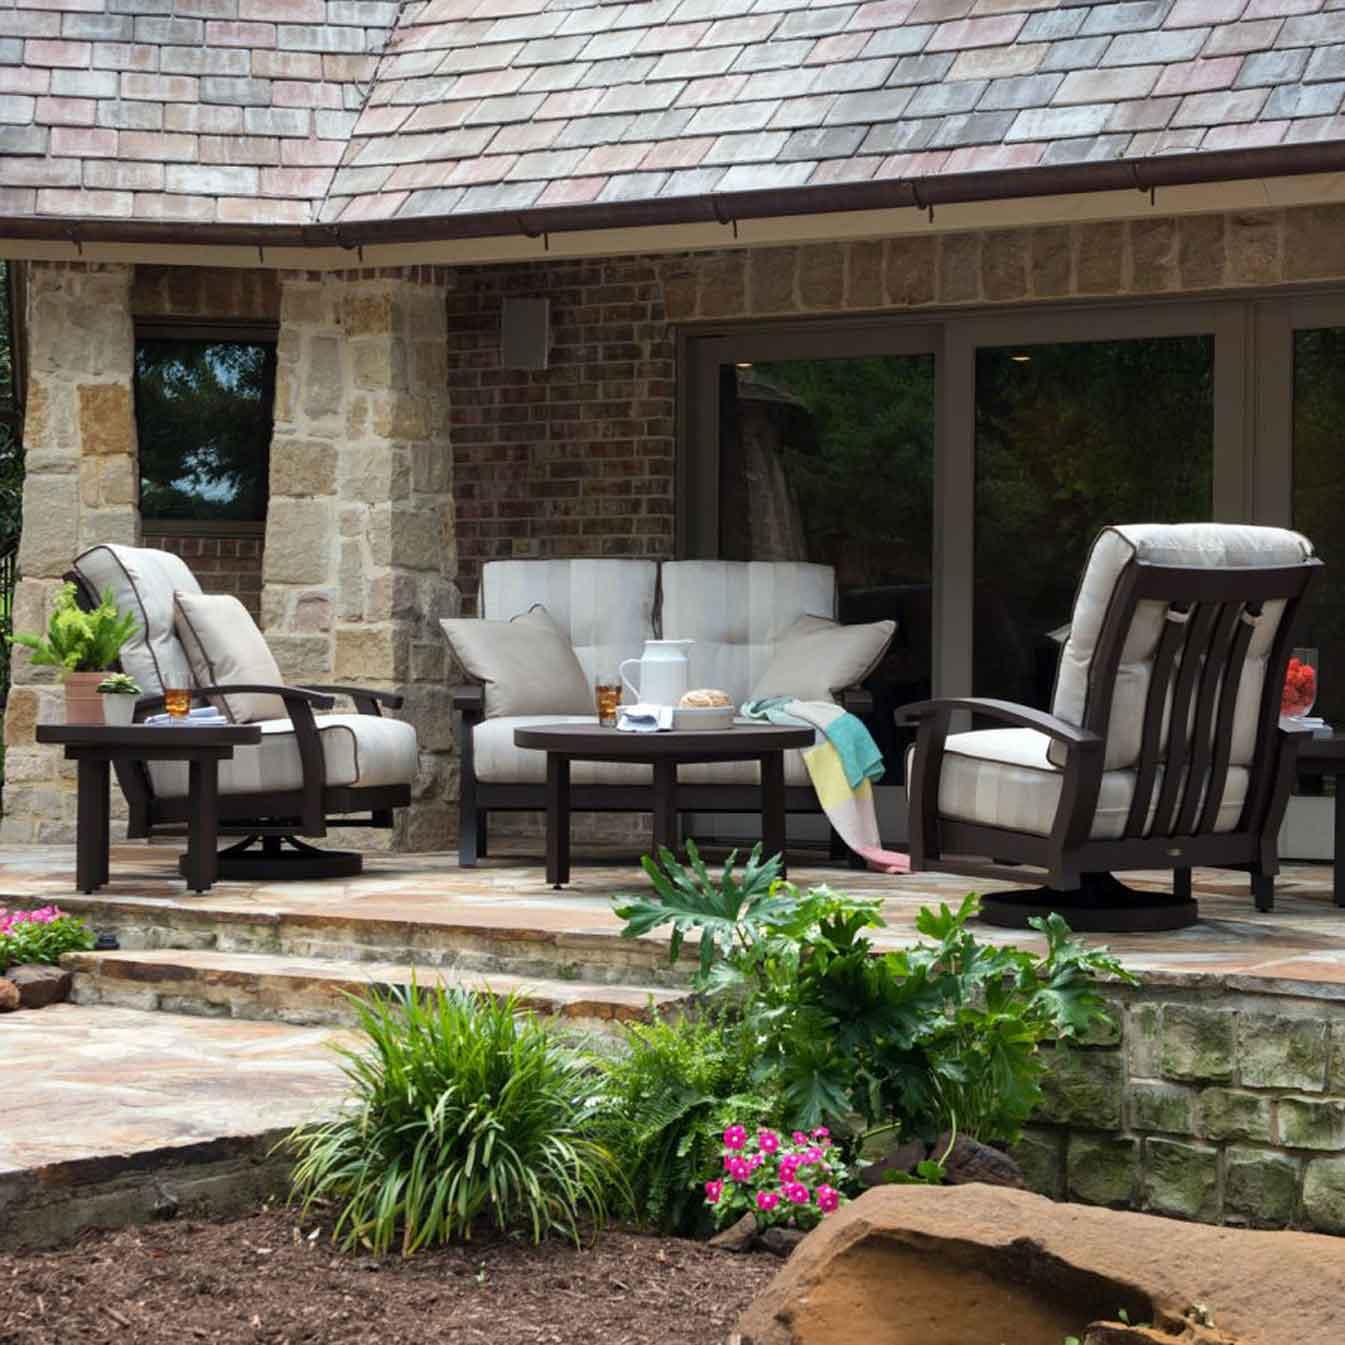 mallin sunnyland outdoor patio